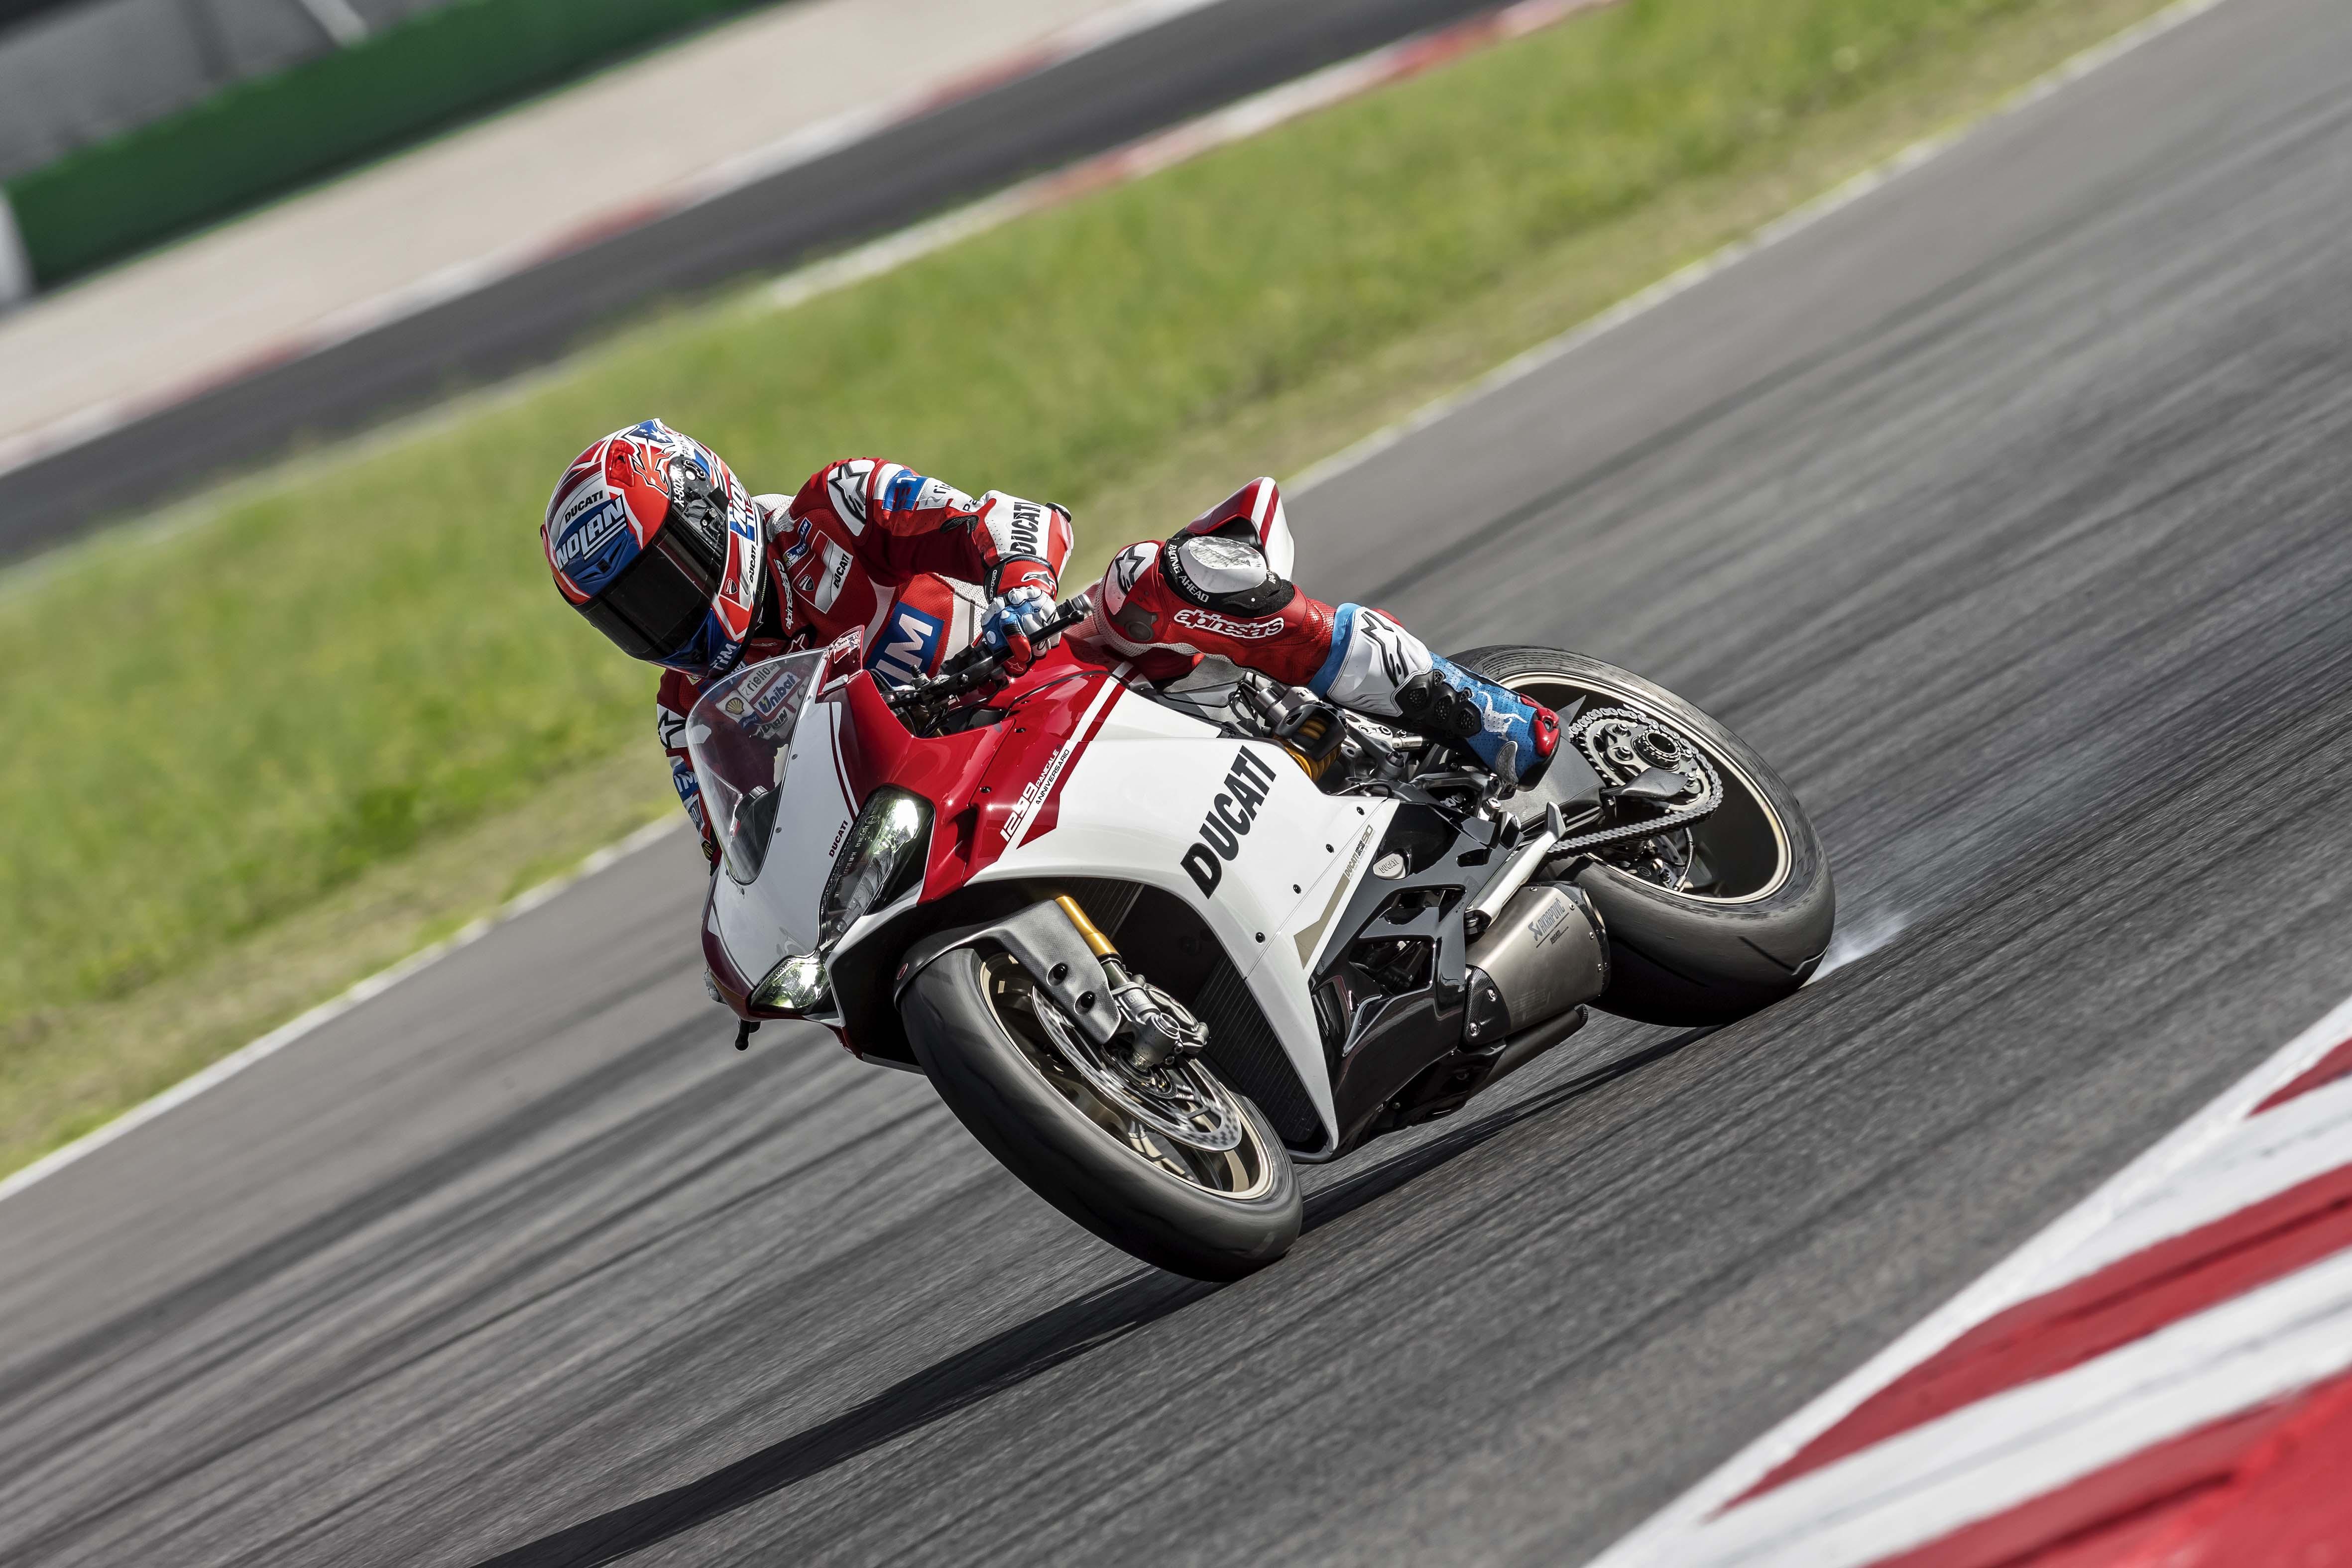 Annonce de la retraite de Stoner ! - Page 14 2017-Ducati-1299-Panigale-S-Anniversario-02